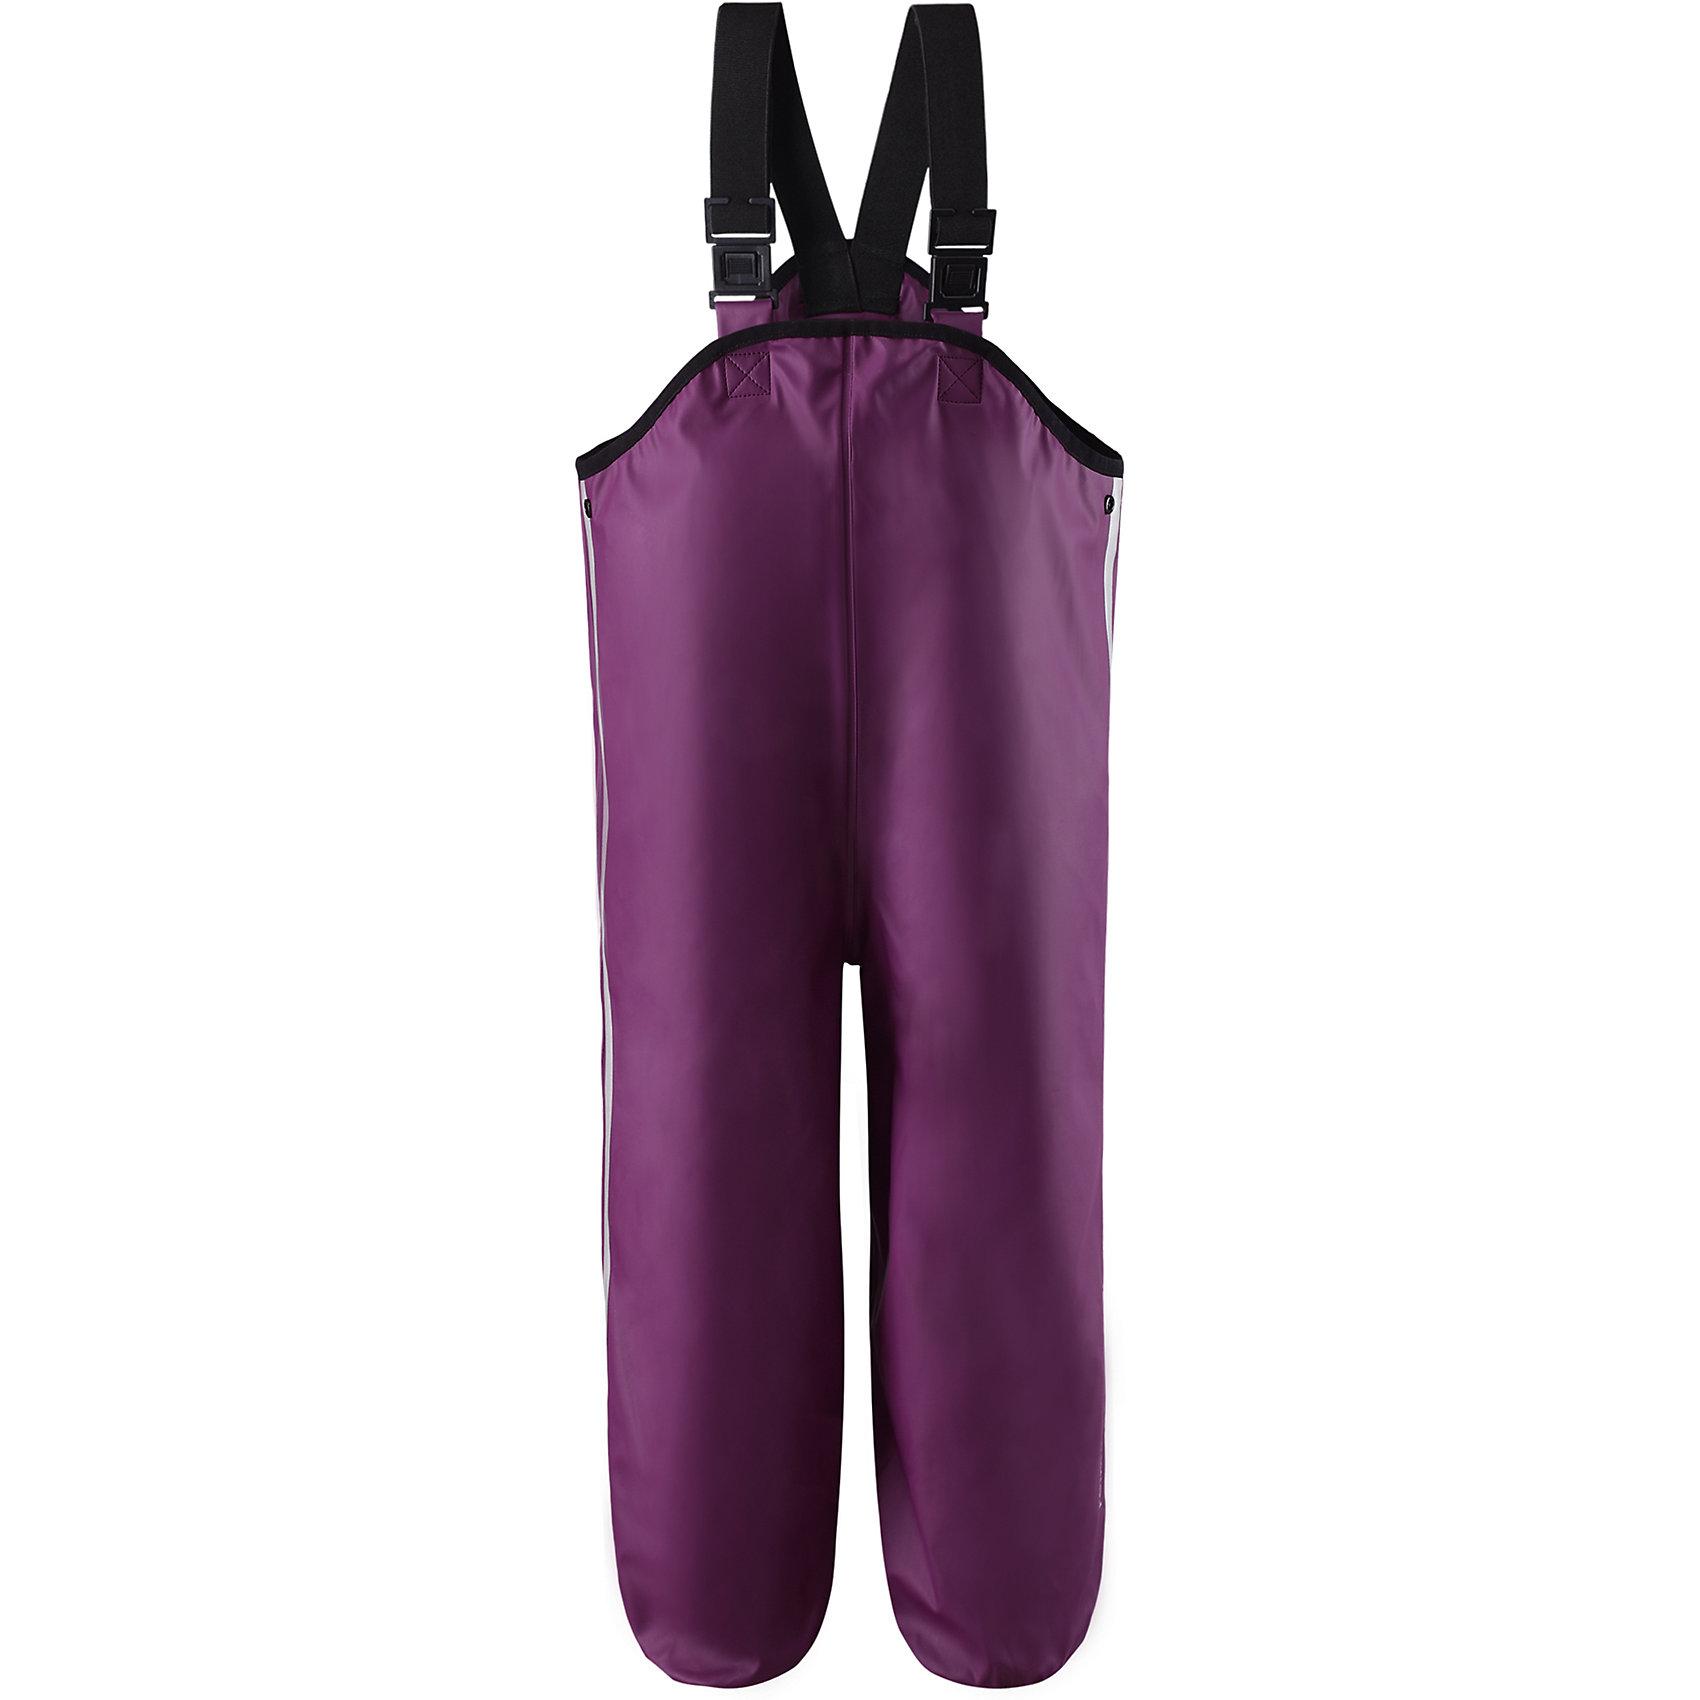 Непромокаемые брюки Lammikko для девочки ReimaНепромокаемые брюки Reima<br>Брюки для дождливой погоды для детей и малышей. Запаянные швы, не пропускающие влагу. Эластичный материал. Без ПХВ. Регулируемый обхват талии. Эластичная резинка на штанинах. Съемные эластичные штрипки. Регулируемые эластичные подтяжки. Безопасные светоотражающие детали. Отличный вариант для дождливой погоды.<br>Уход:<br>Стирать по отдельности, вывернув наизнанку. Стирать моющим средством, не содержащим отбеливающие вещества. Полоскать без специального средства. Во избежание изменения цвета изделие необходимо вынуть из стиральной машинки незамедлительно после окончания программы стирки. Сушить при низкой температуре.<br>Состав:<br>100% Полиамид, полиуретановое покрытие<br><br>Ширина мм: 215<br>Глубина мм: 88<br>Высота мм: 191<br>Вес г: 336<br>Цвет: фиолетовый<br>Возраст от месяцев: 84<br>Возраст до месяцев: 96<br>Пол: Женский<br>Возраст: Детский<br>Размер: 128,104,86,92,116,98,122,80,110<br>SKU: 4776099